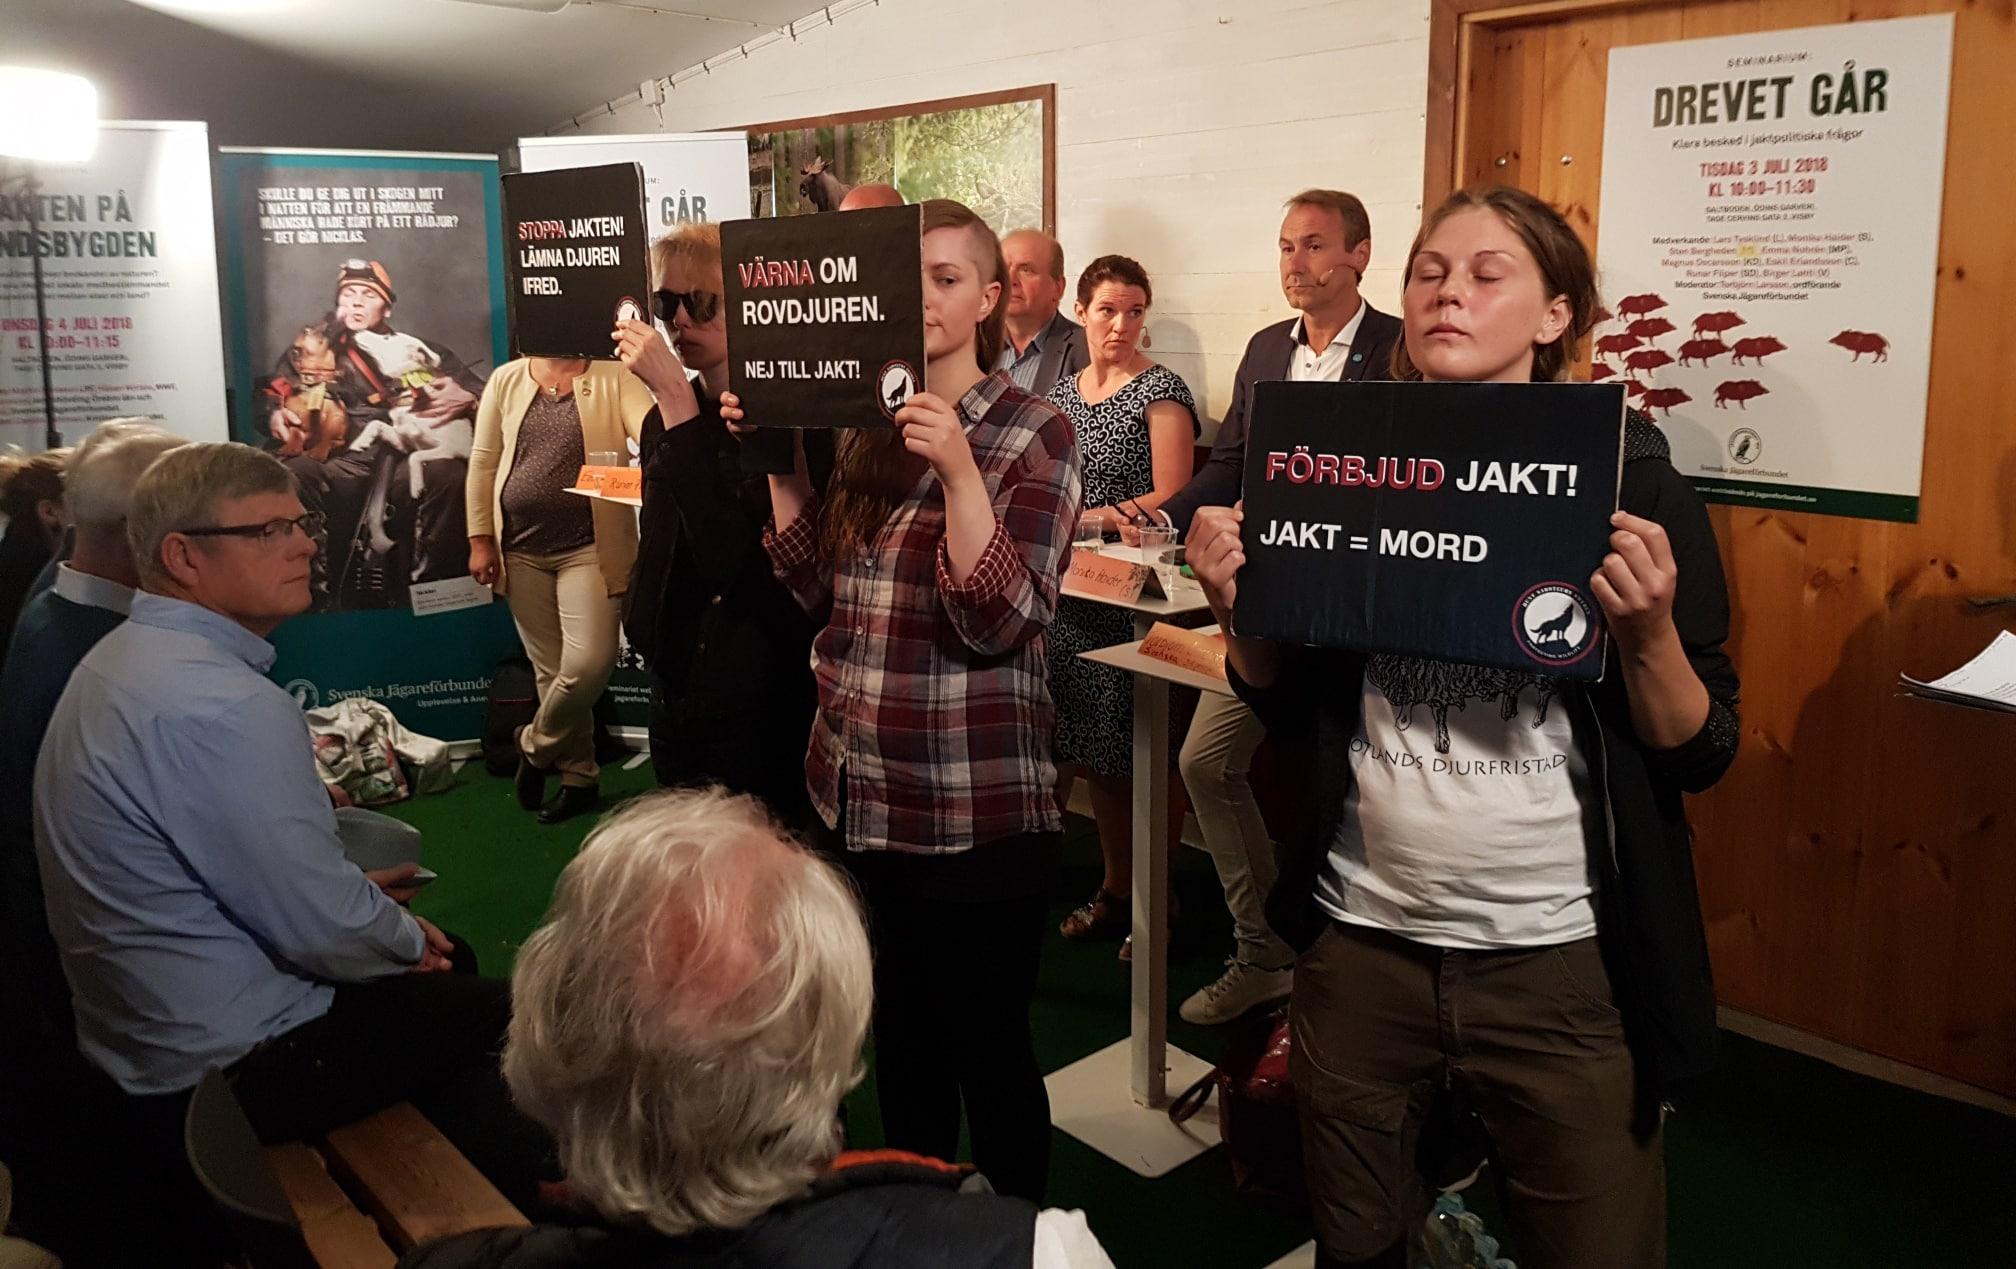 Här stör aktivister Jägareförbundets direktsända politikerutfrågning i Almedalen. Foto: Privat